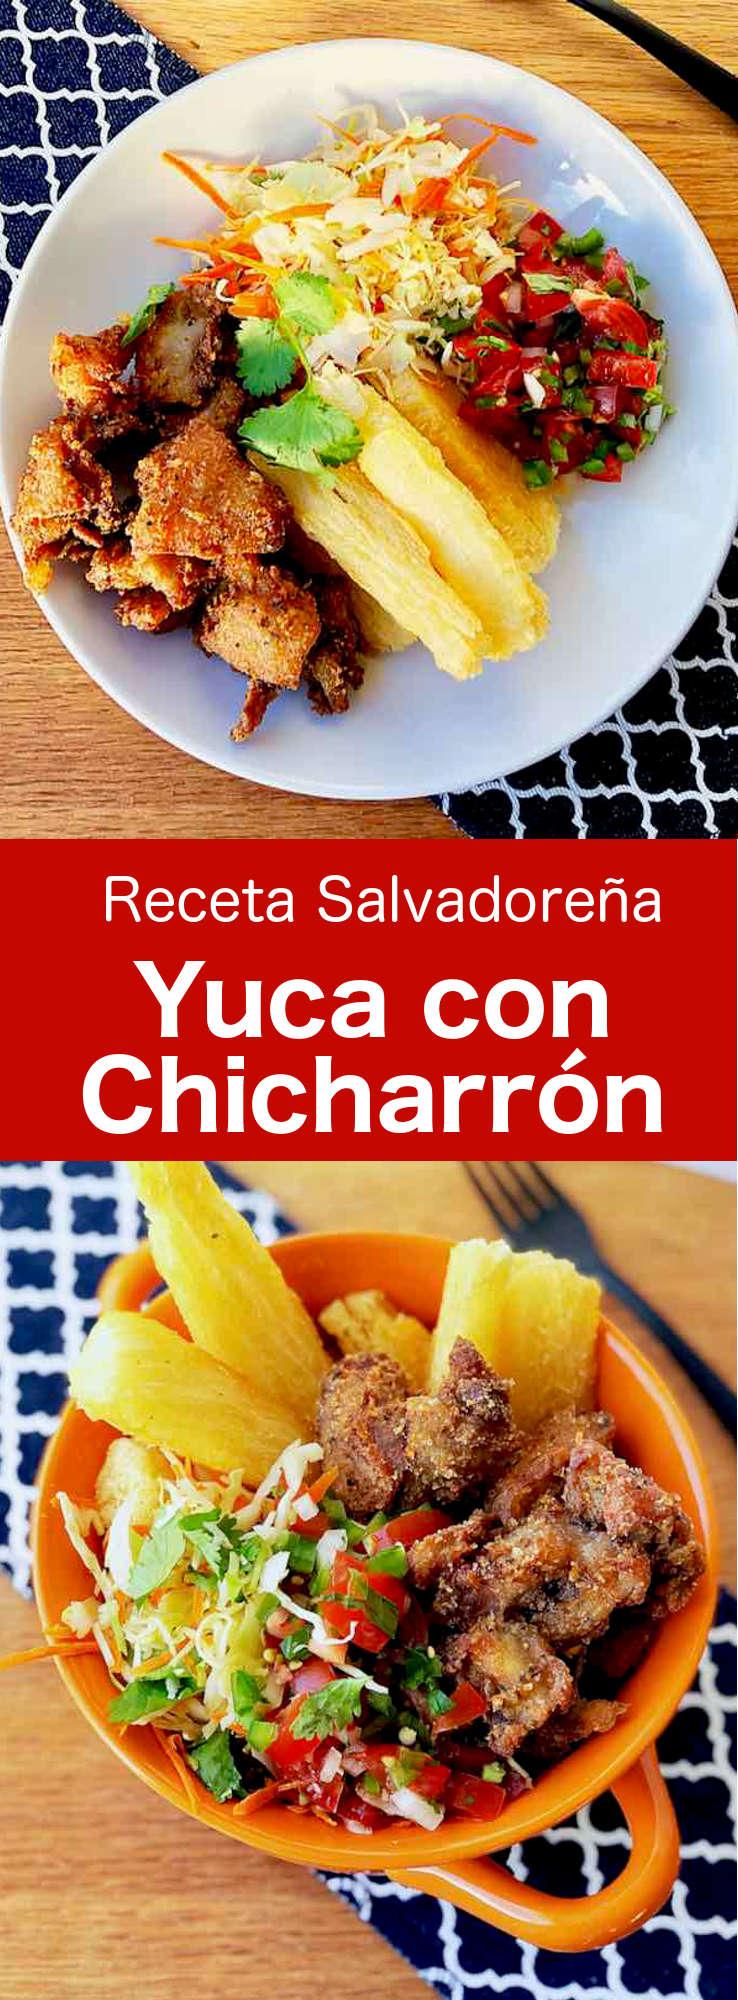 La yuca con chicharrón es un plato típico de El Salvador y Honduras, hecho con yuca y piel de cerdo frita, que se sirve con salsa chimol y col.